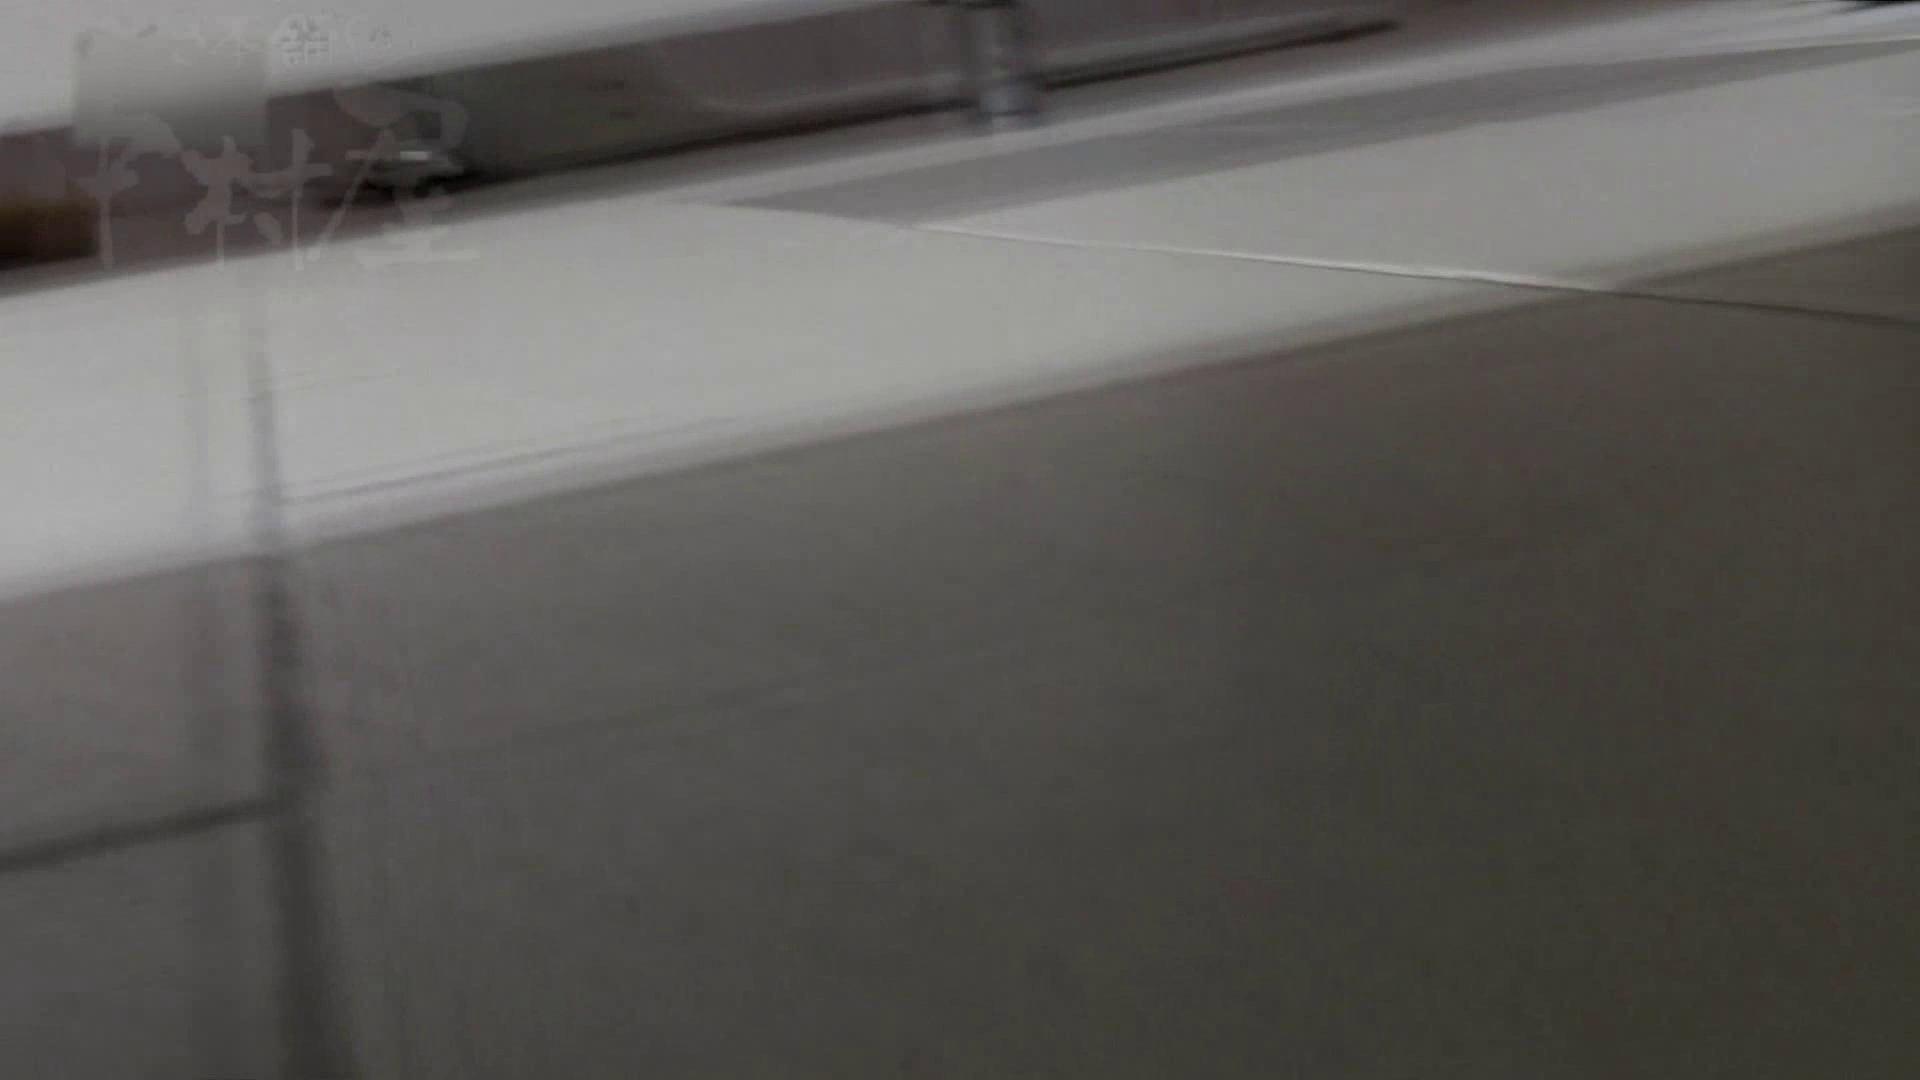 美しい日本の未来 No.06 更に侵入フロント究極な画質 排泄 エロ画像 76連発 75